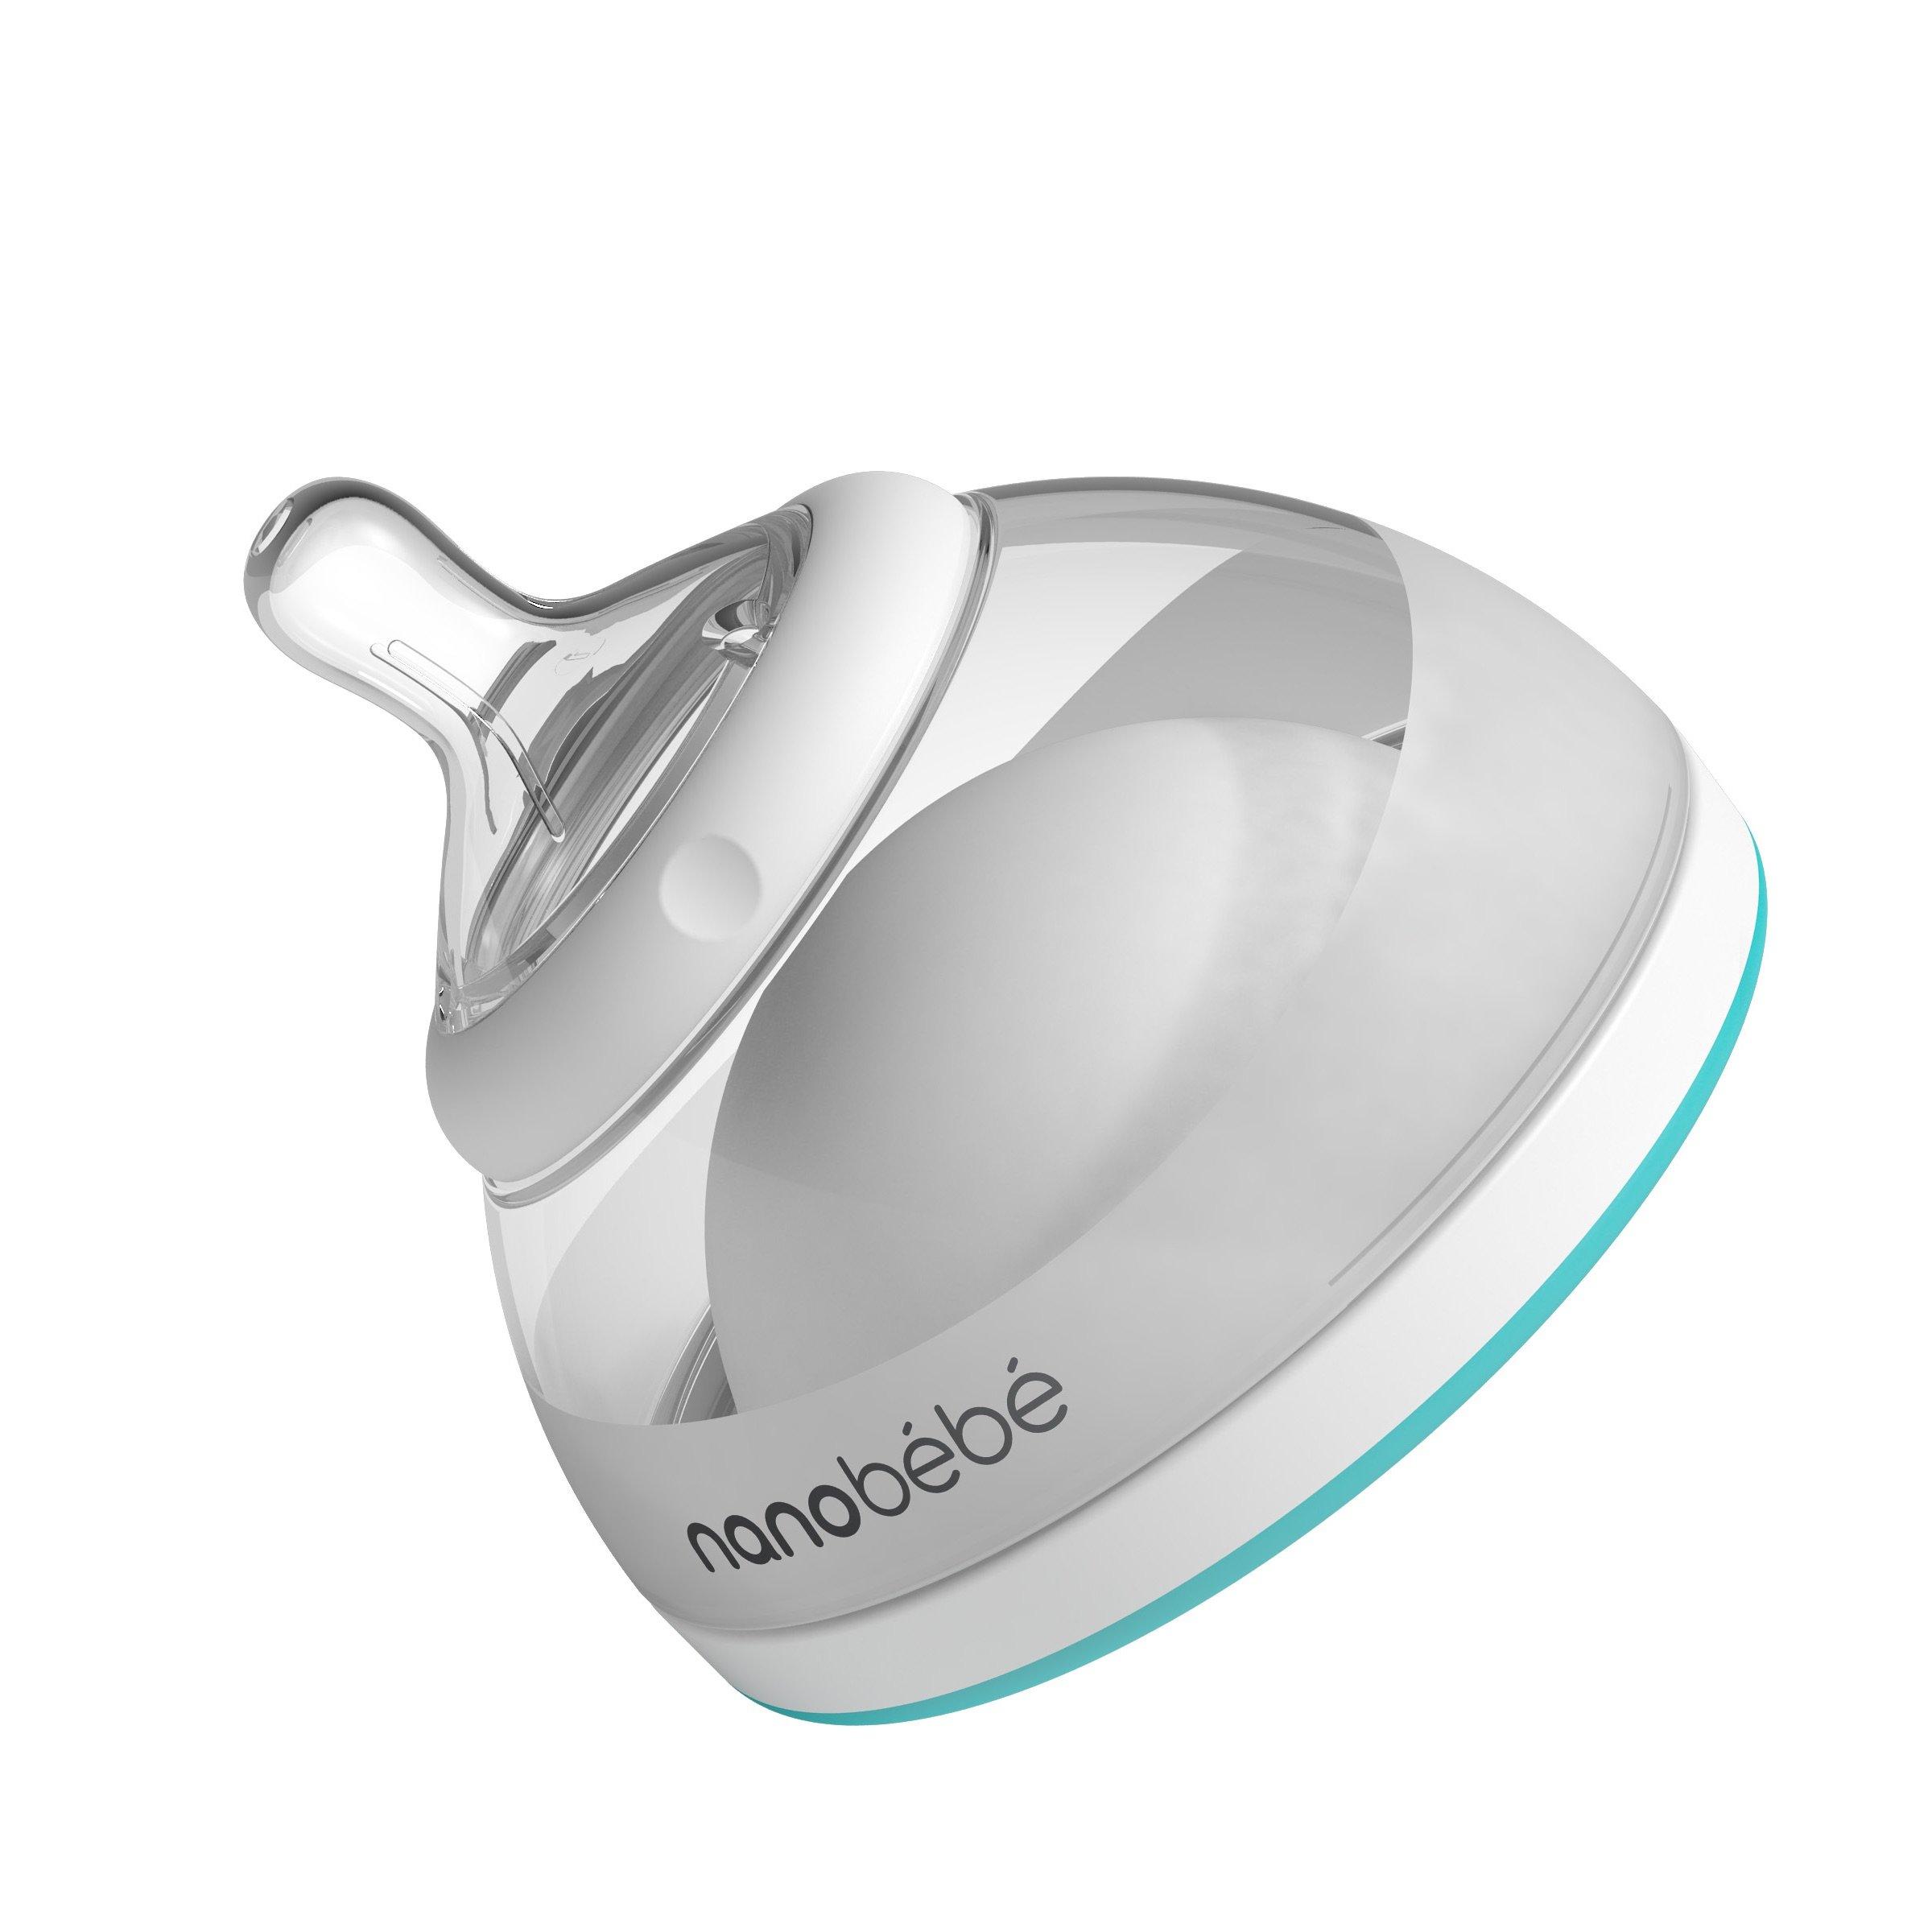 nanobebe Breast Milk Baby Bottle (Award Winning Innovation for Breastfed Babies)